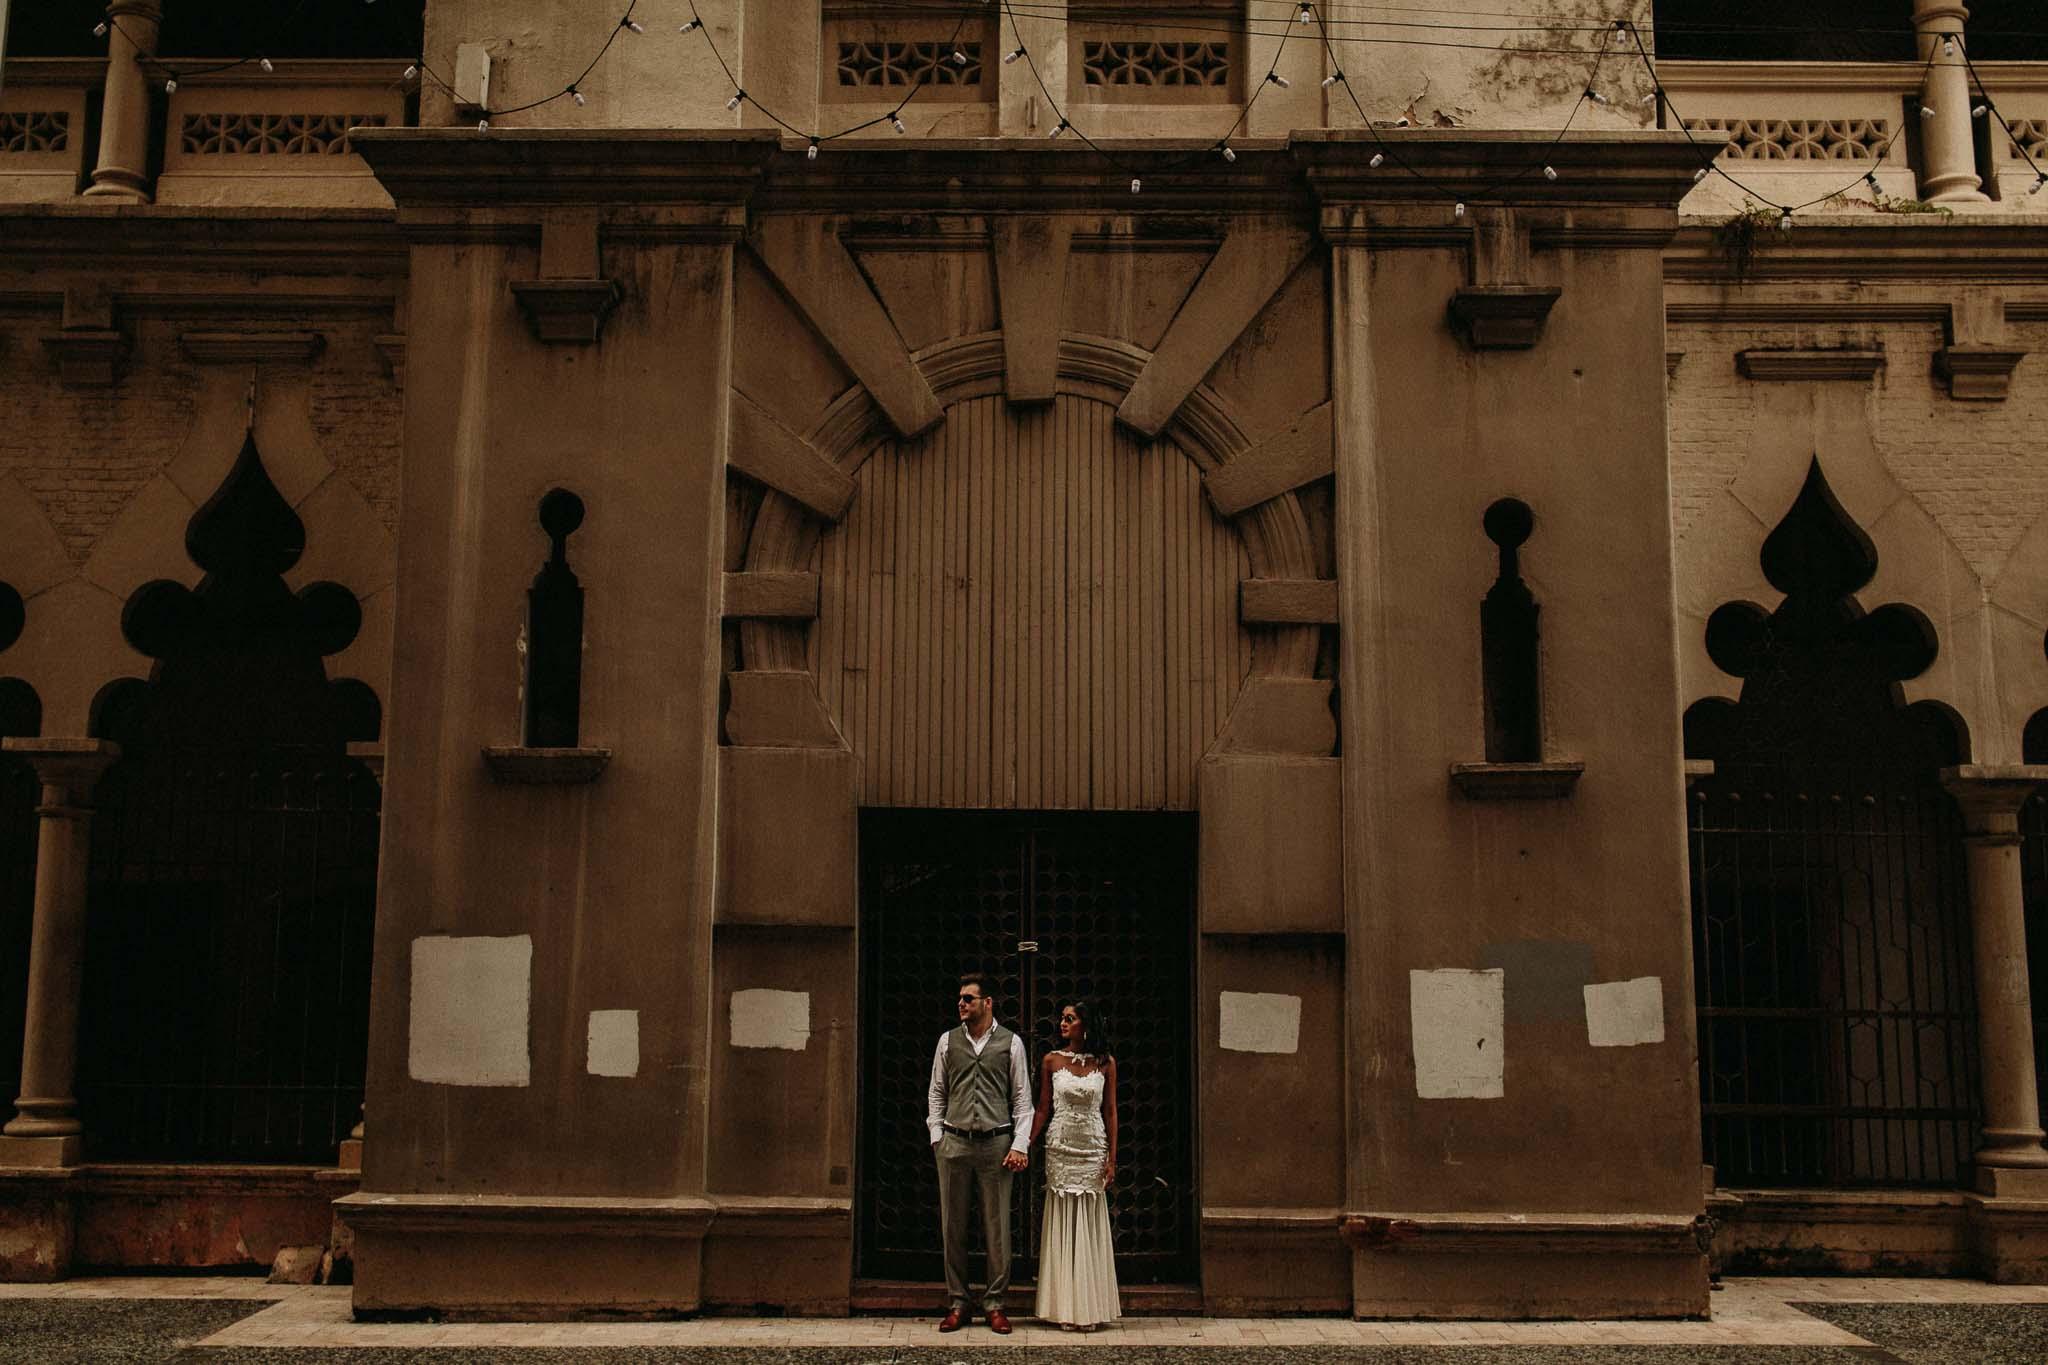 u&m-weddingsbyqay-lovesession-destinationweddingphotographer (127 of 160).jpg